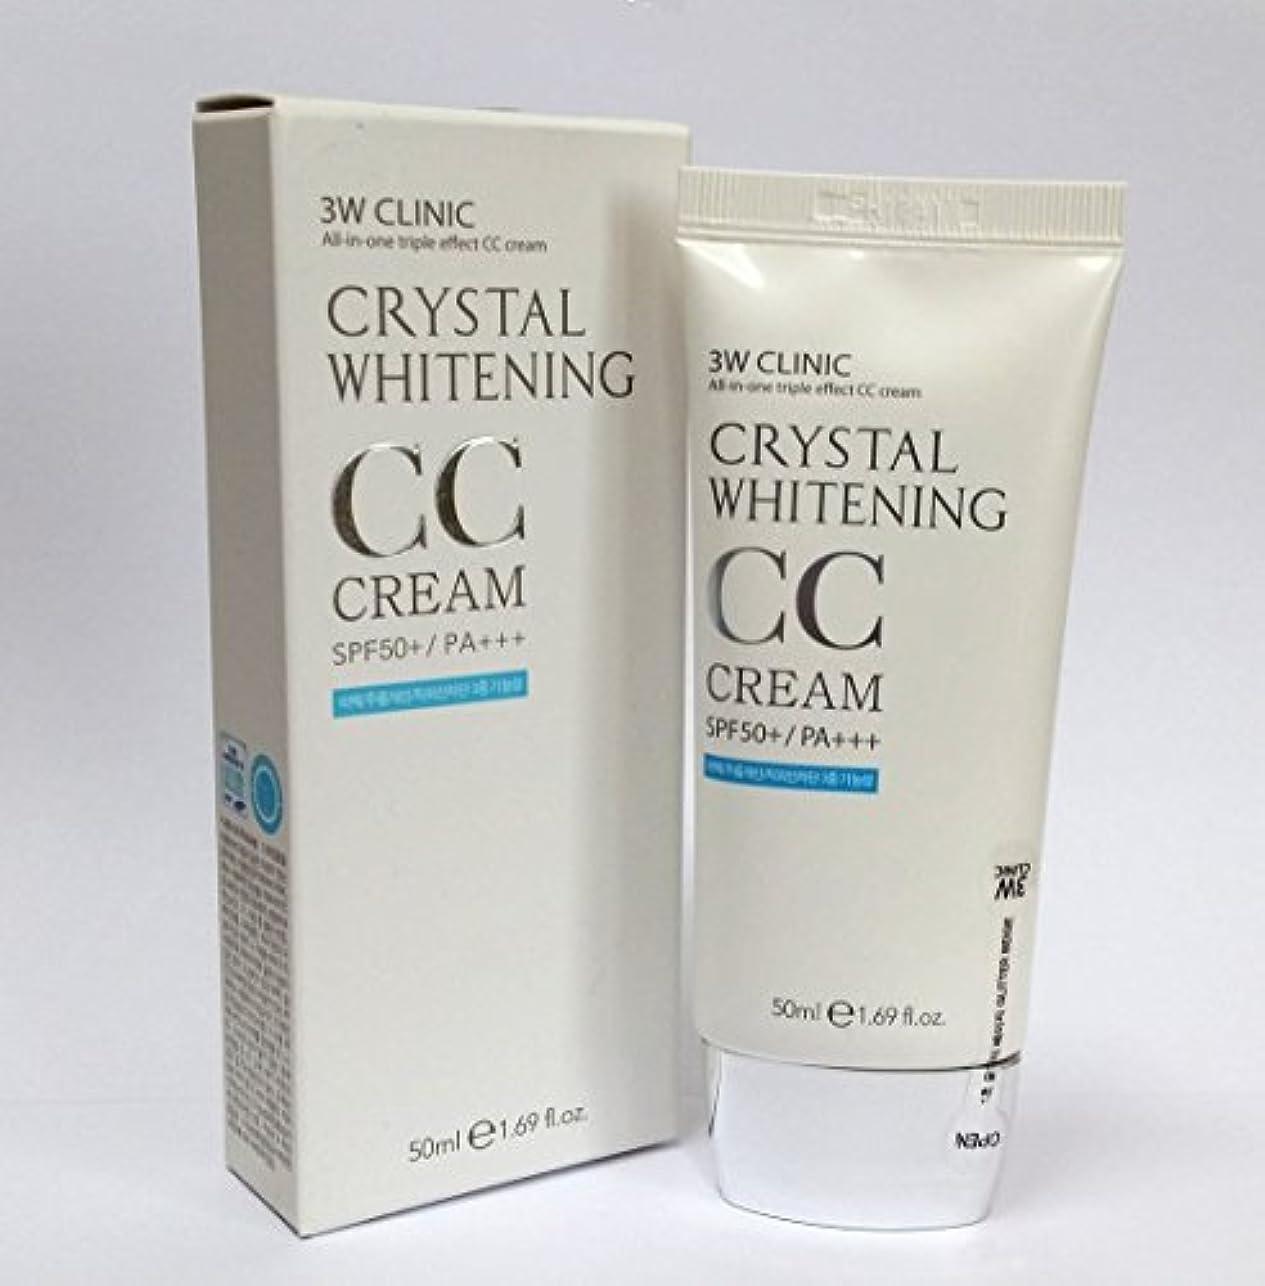 事実腐った軍[3W CLINIC] クリスタルホワイトニングCCクリーム50ml SPF50 PA +++ / #01 Glitter Beige/Crystal Whitening CC Cream 50ml SPF50 PA++...